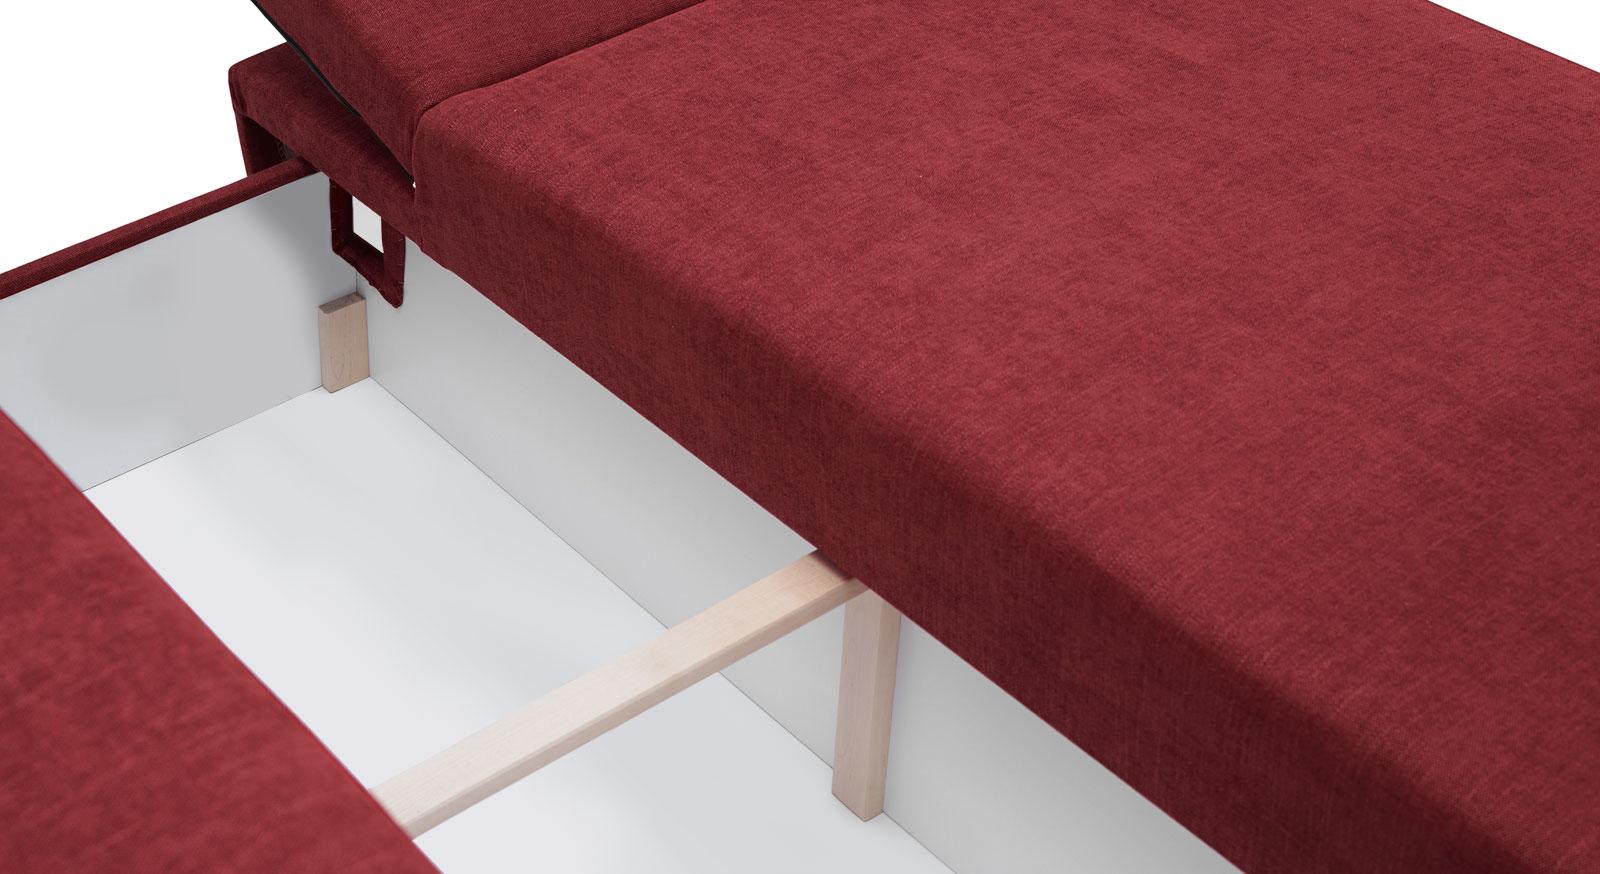 Worauf man beim kauf eines sofas zum schlafen achten sollte for Sitzgelegenheit jugendzimmer